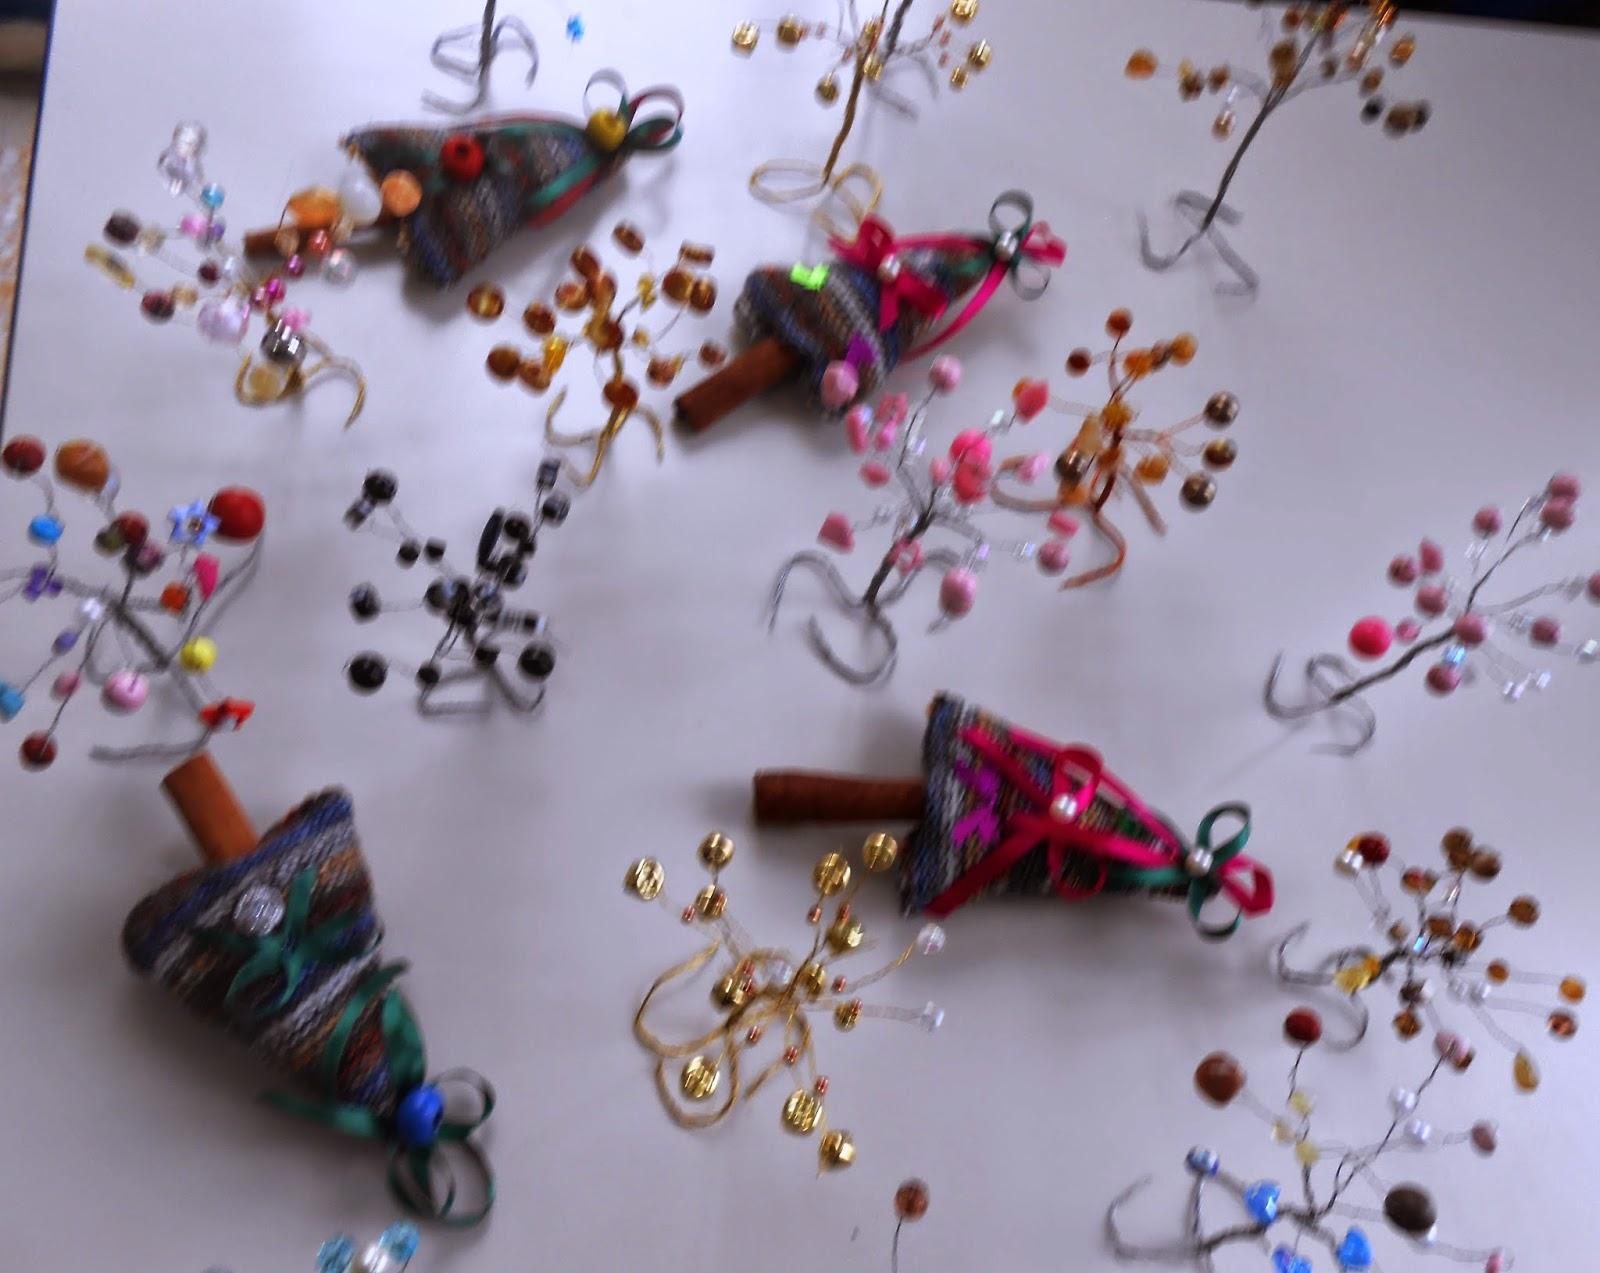 #6F3231 ΓΑΛΛΙΚΑ ΣΤΟ ΣΧΟΛΕΙΟ ΜΑΣ : Les Arbres De Noël à N. Marmaras. 5293 décorations de noel à fabriquer cp 1600x1273 px @ aertt.com